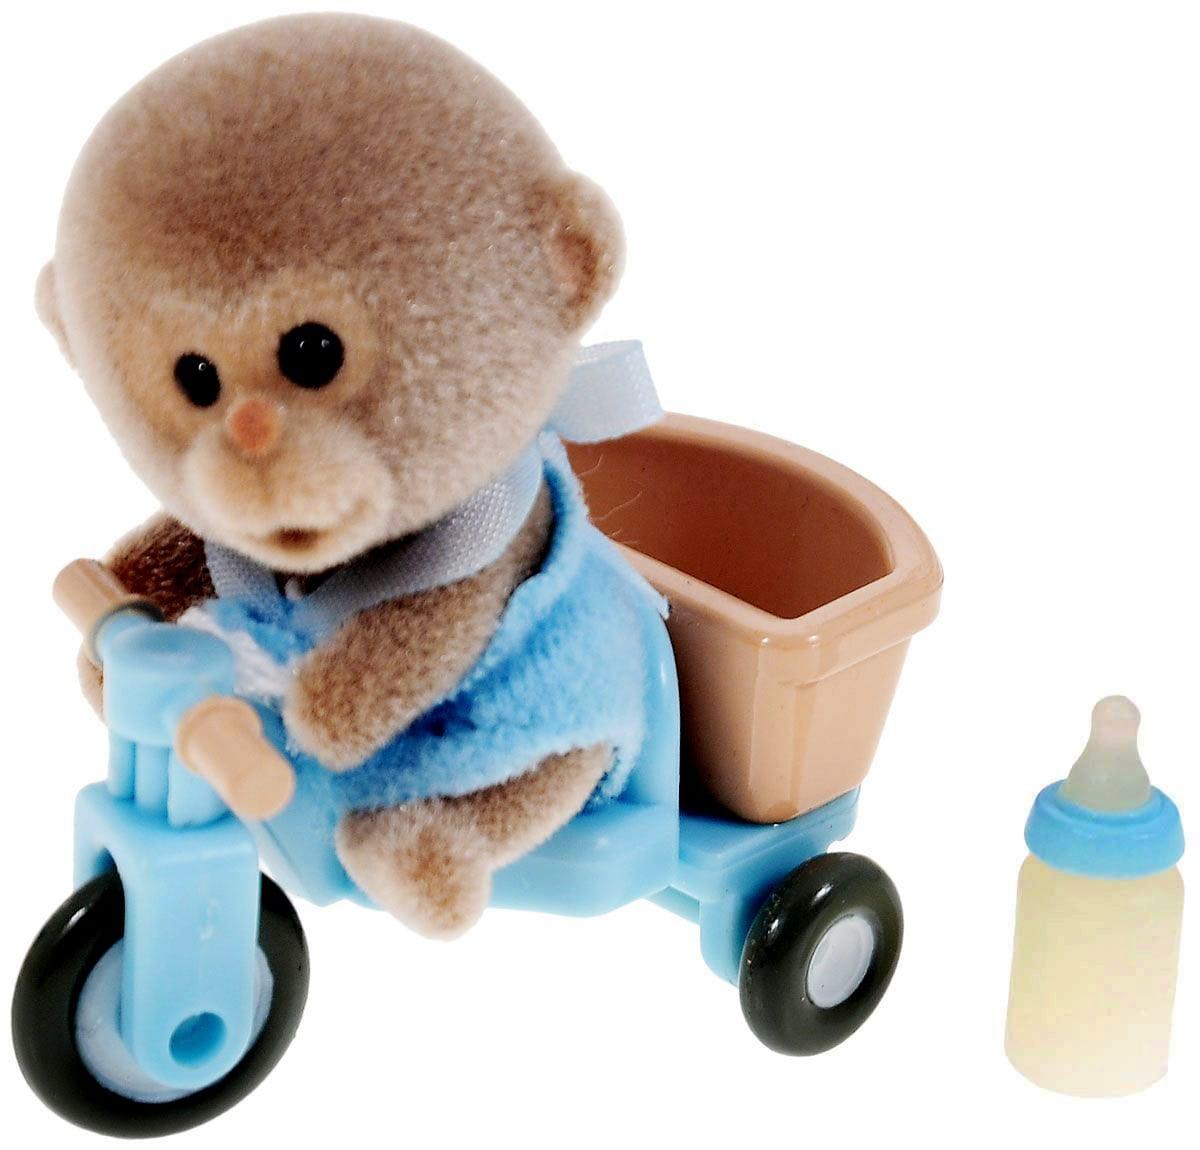 Игровой набор Sylvanian Families 3350 Младенец в пластиковом сундучке (обезьянка на велосипеде)